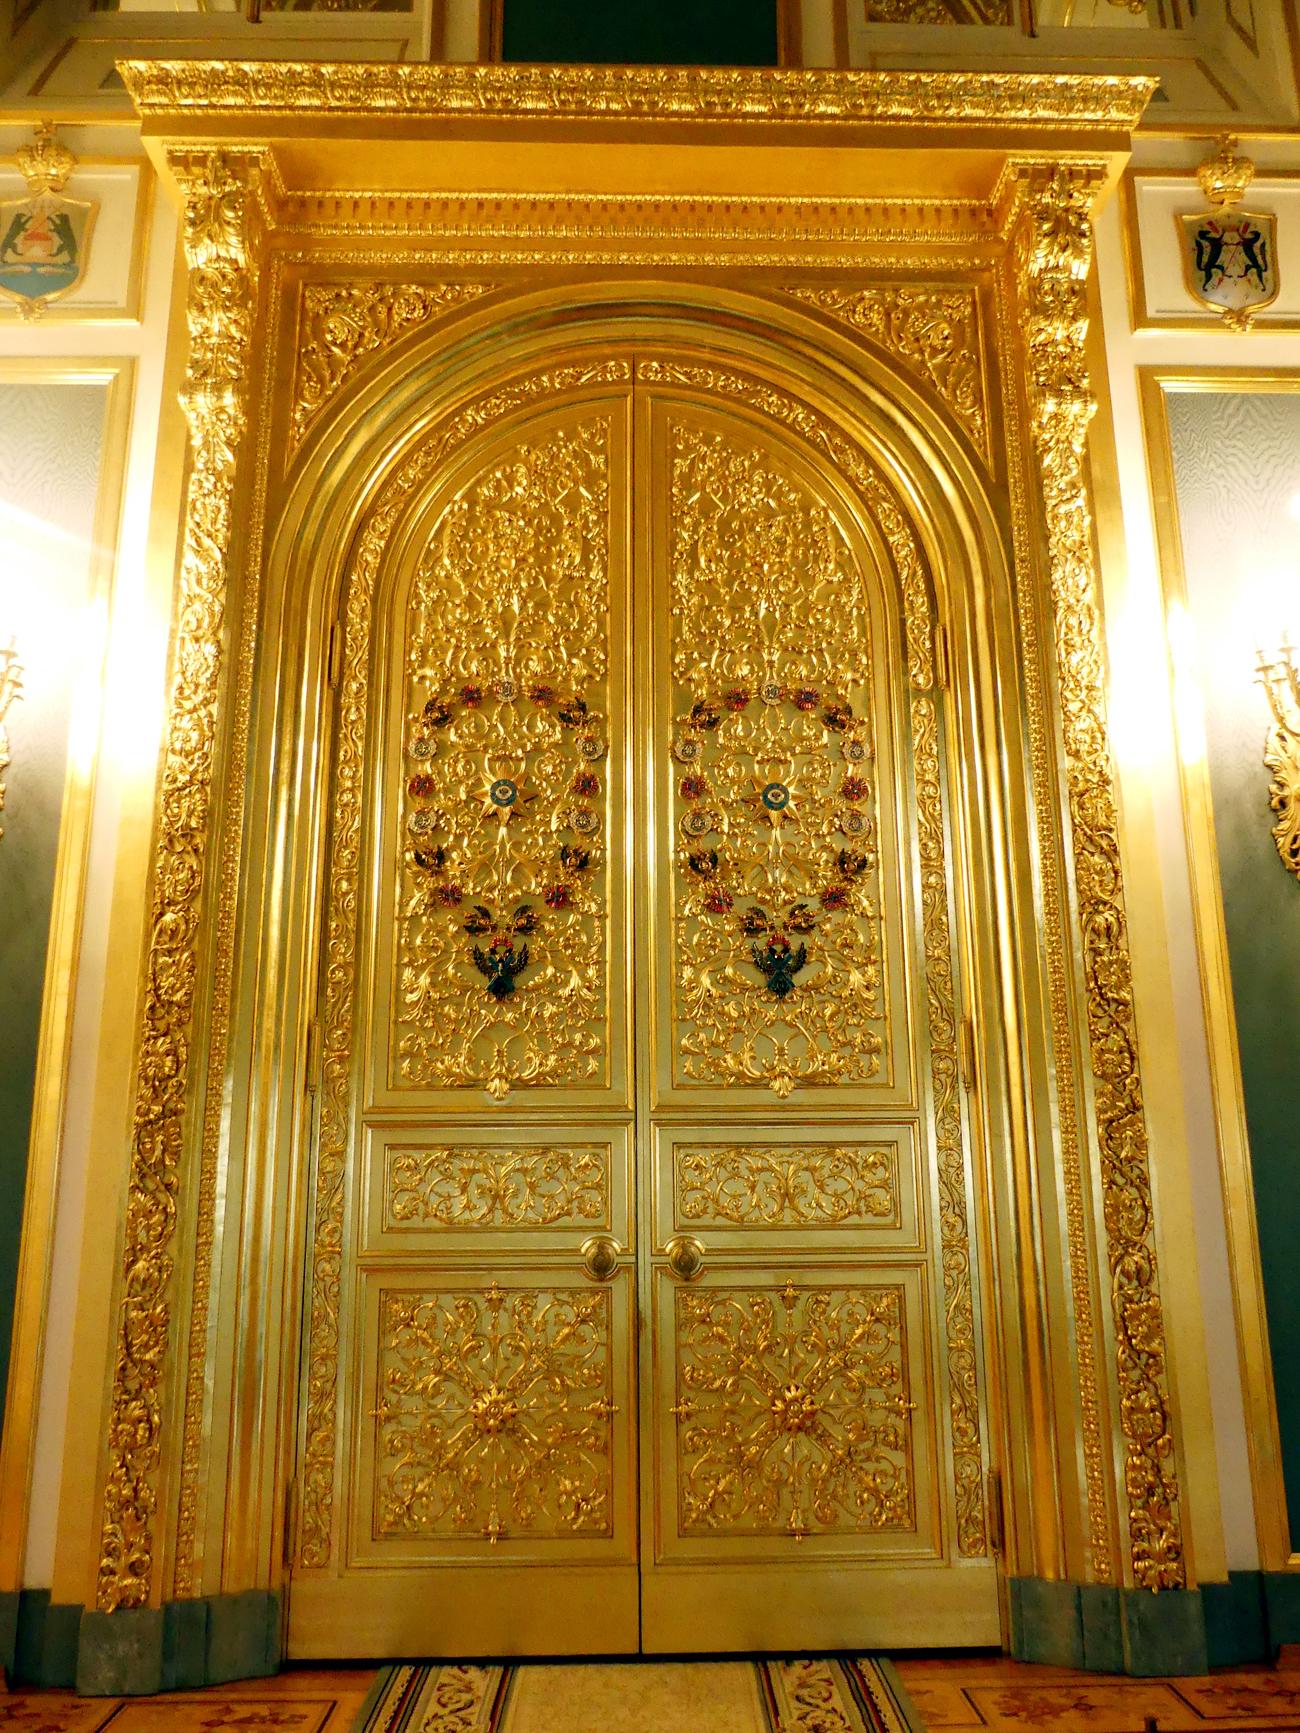 """Um salão adornado com cores vivas leva ao Palácio dos Terems, construído no século 17 pelo primeiro Romanov, Mikhail Fiodorovitch. """"Depois da passagem de Napoleão em 1812 ficaram apenas as paredes"""", conta a guia. Os salões do palácio foram totalmente restaurados durante o século 19."""